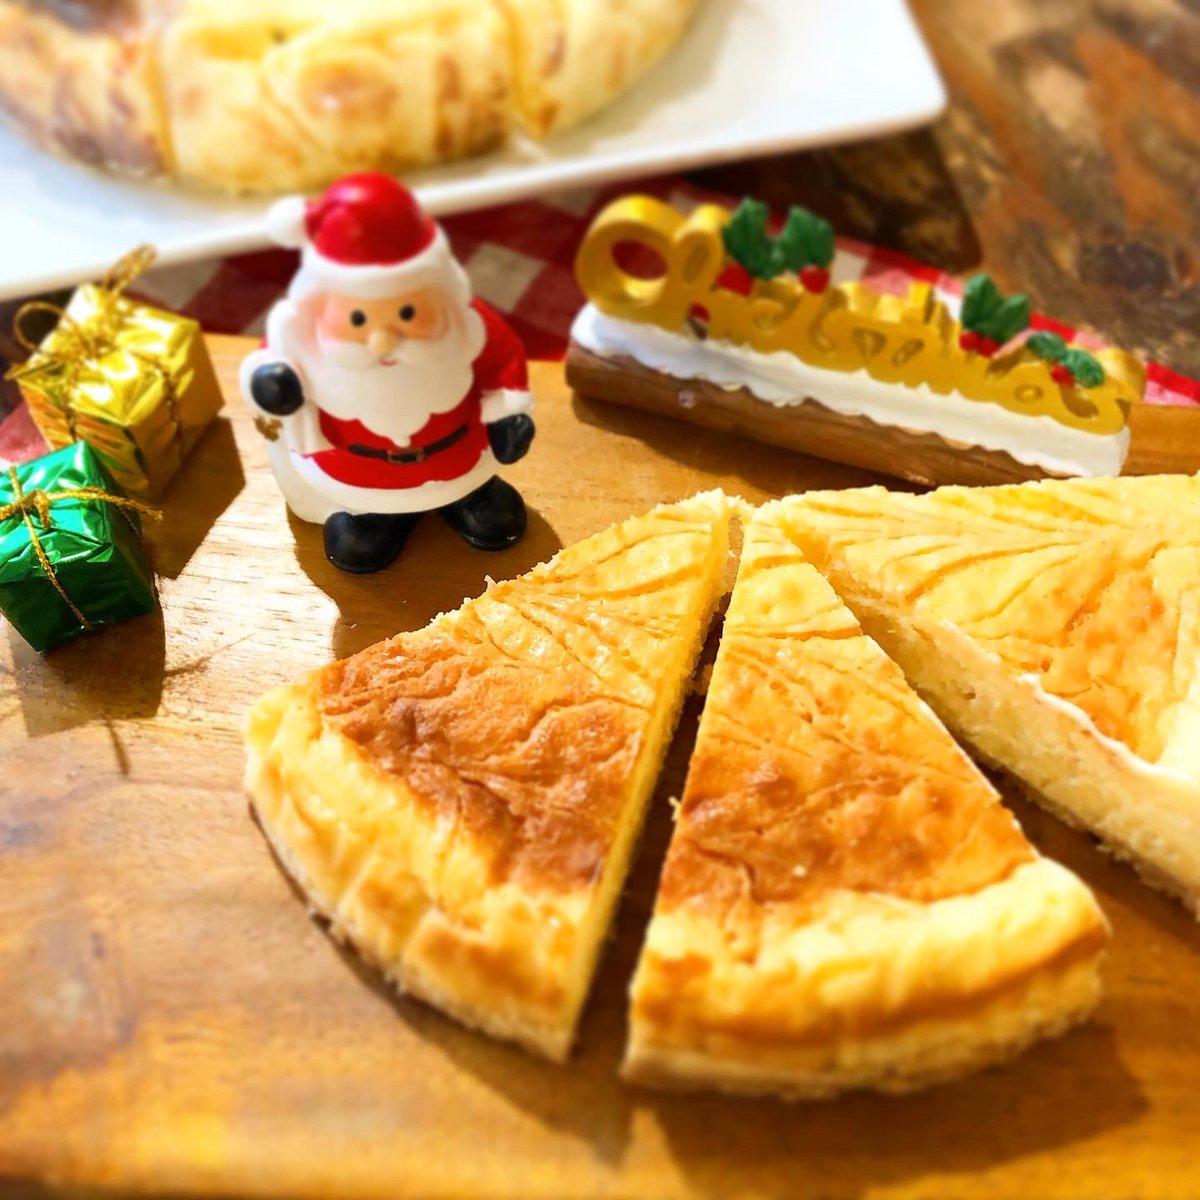 12.25(wed)  ✴︎メリークリスマス!✴︎ こんにちは☺︎🧀 本日オープンしております^^  今年はイブもクリスマスも平日…。 忙しくてケーキの準備ができなかった方も、お仕事や学校帰りにodeonの手作りチーズケーキはいかがですか?❀︎.(*´◡︎`*)❀︎. 17時まで、お待ちしております! https://t.co/OwE7yAt5wV